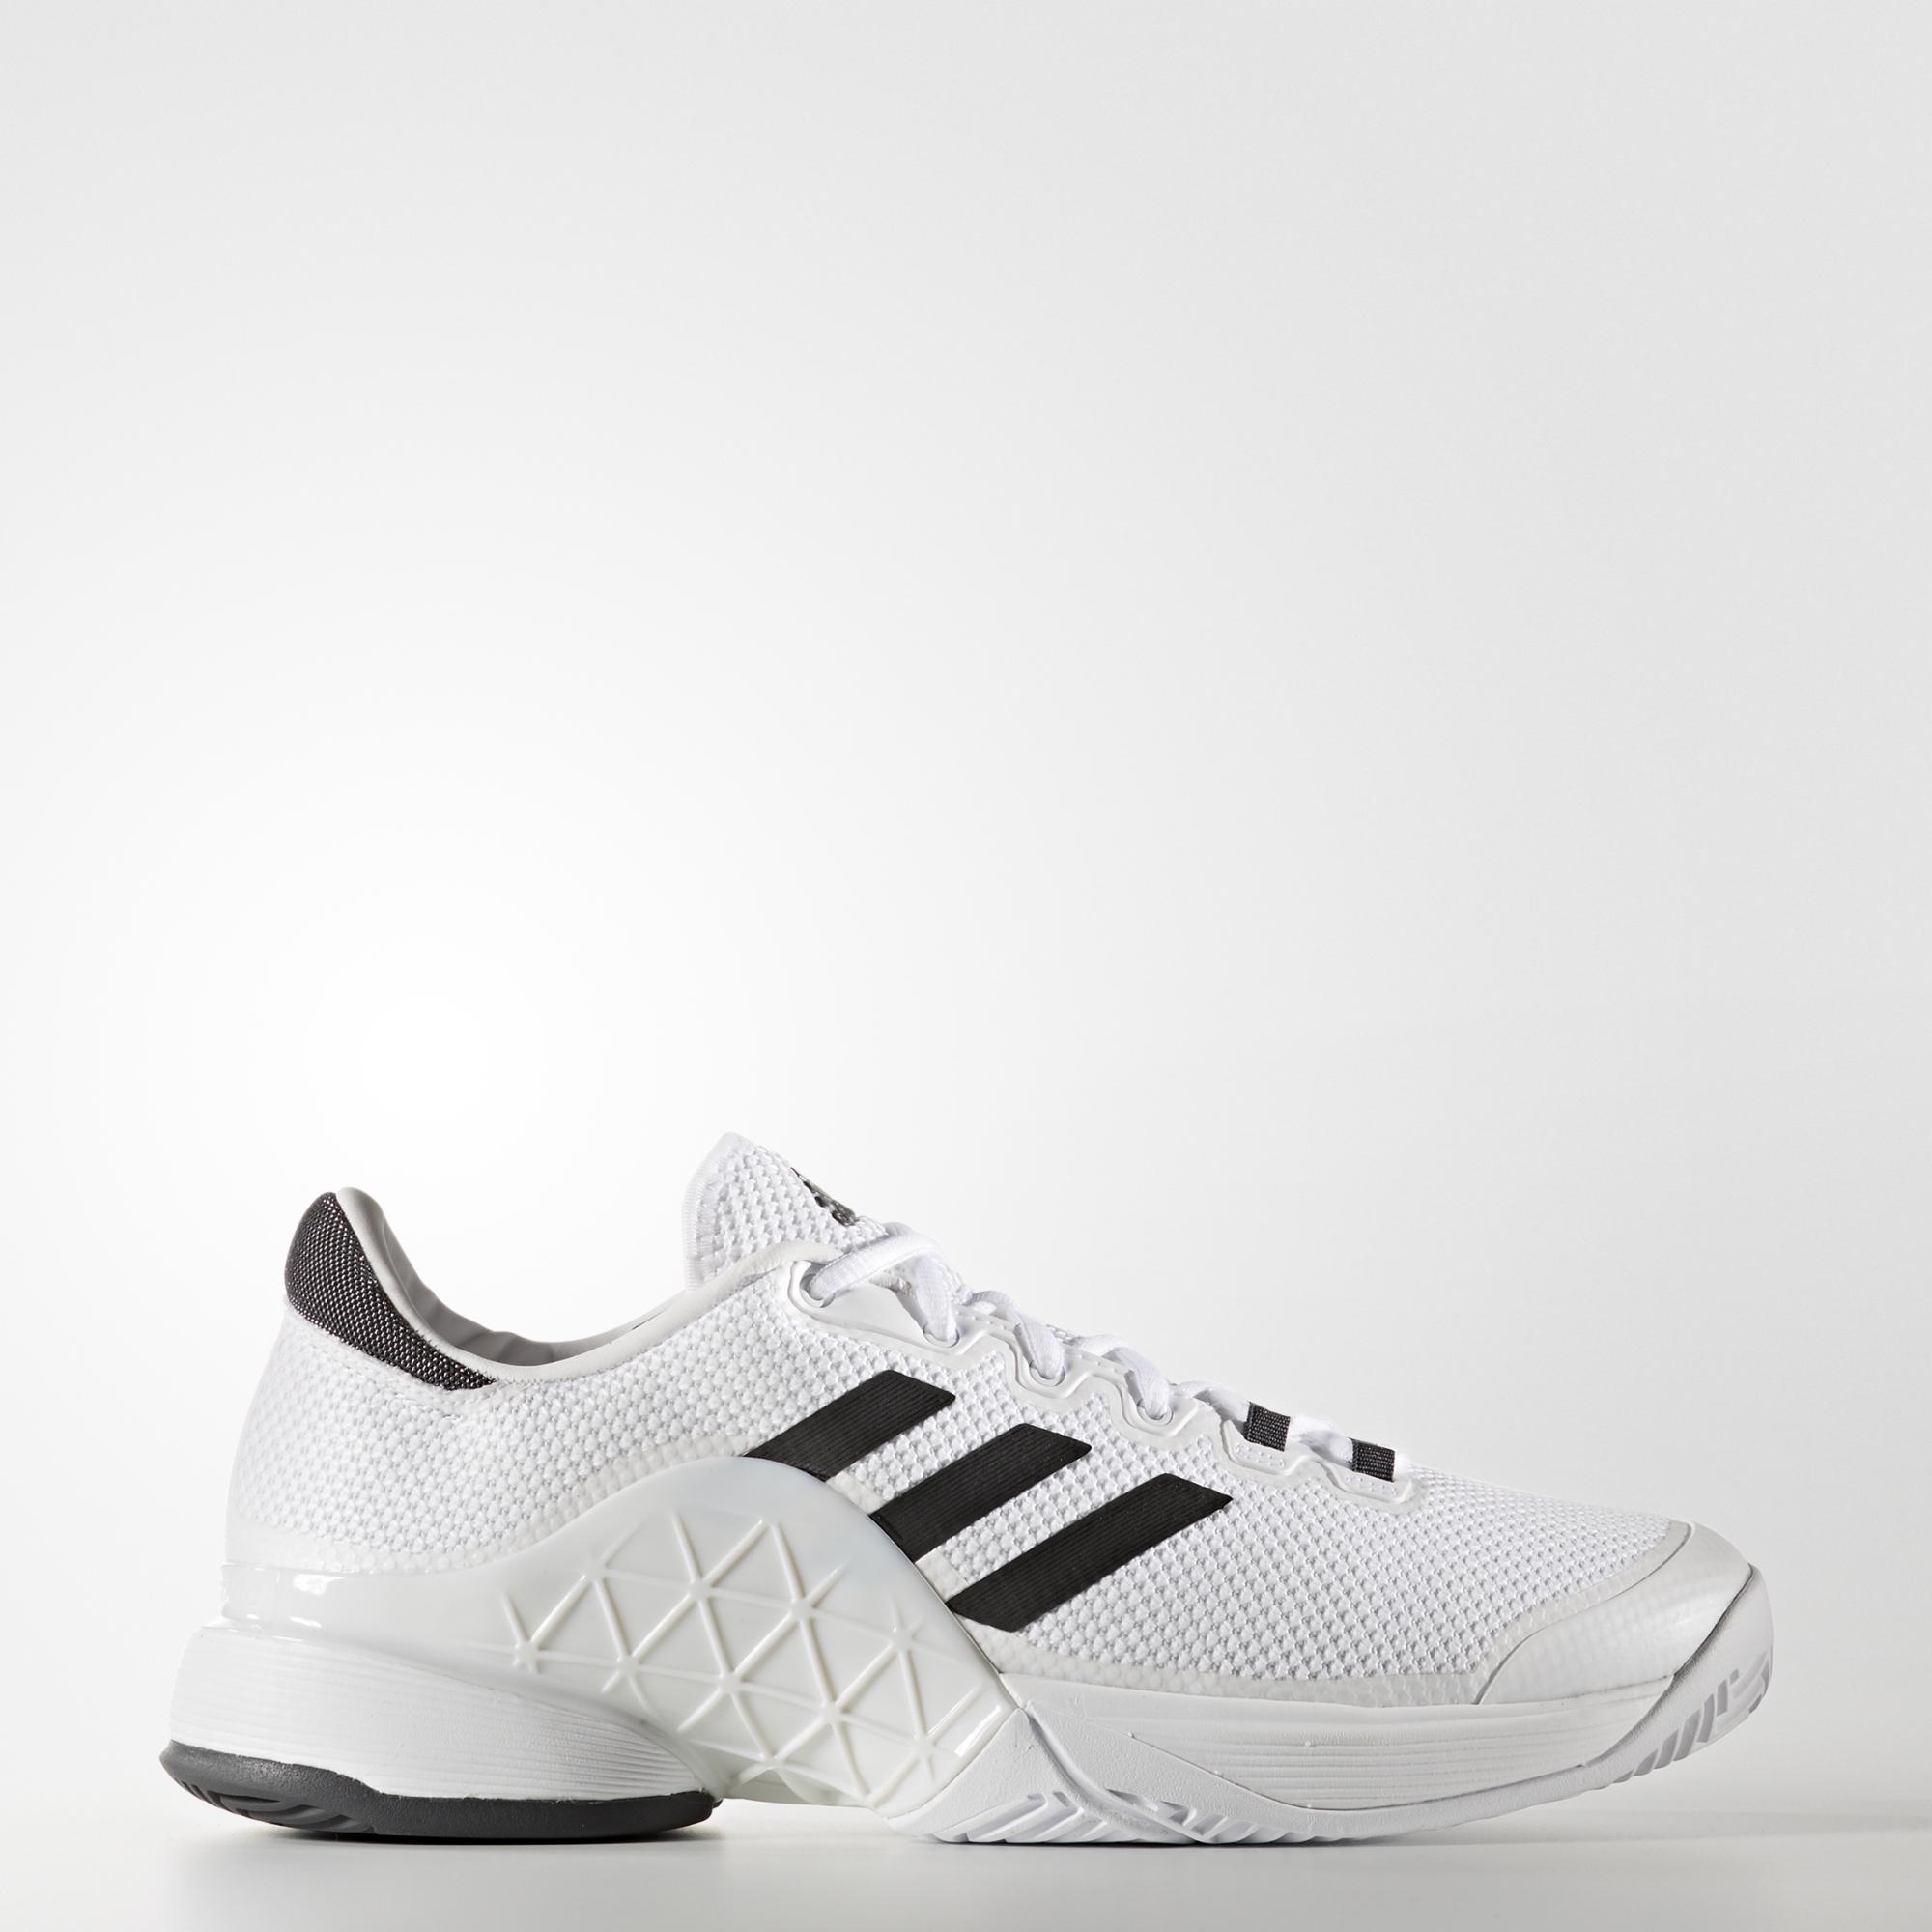 2a09e7beb Adidas Mens Barricade 2017 Tennis Shoes - White Grey - Tennisnuts.com